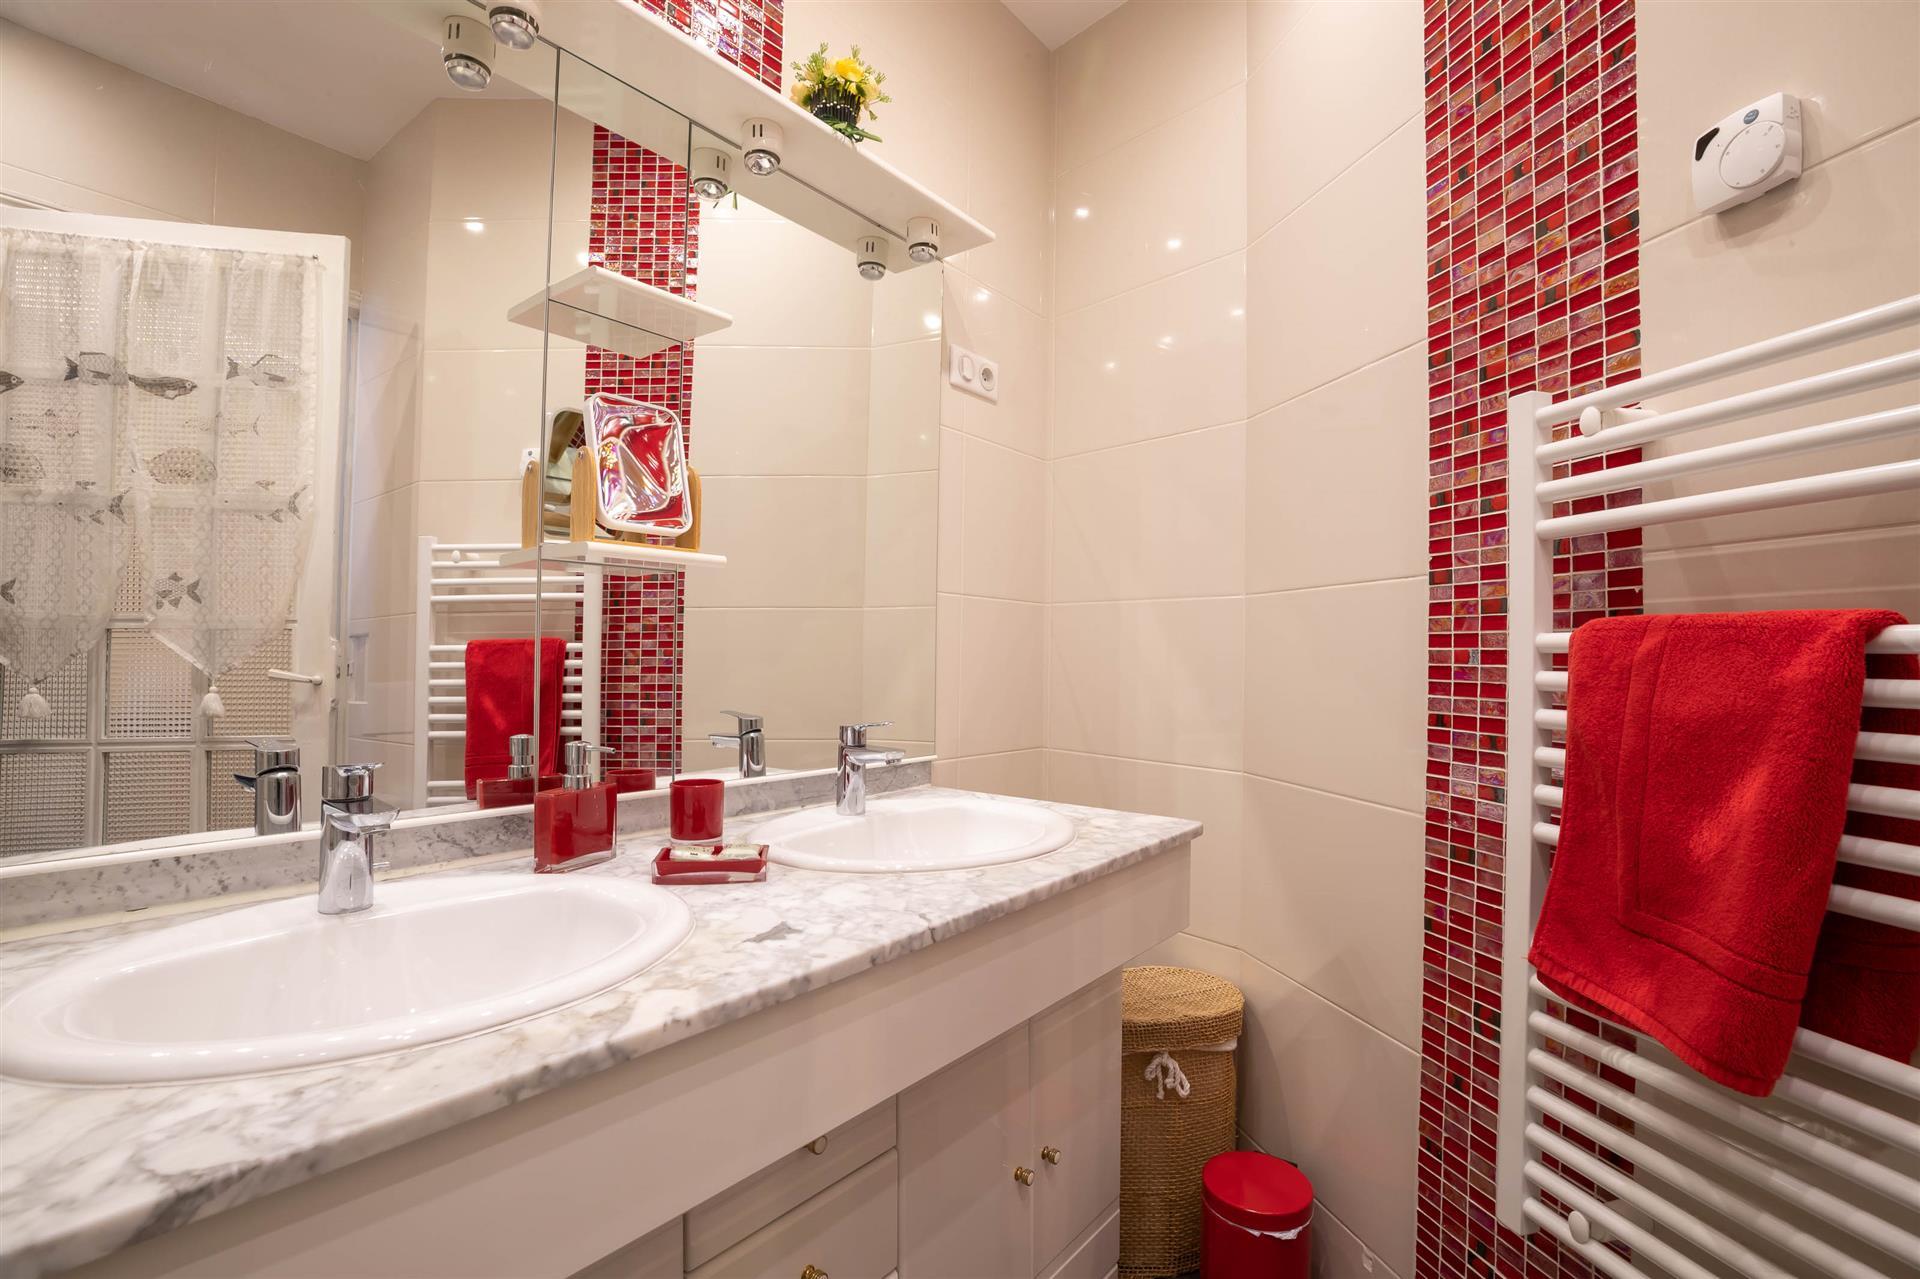 Salle de bains - BEAUNE SWEET HOME